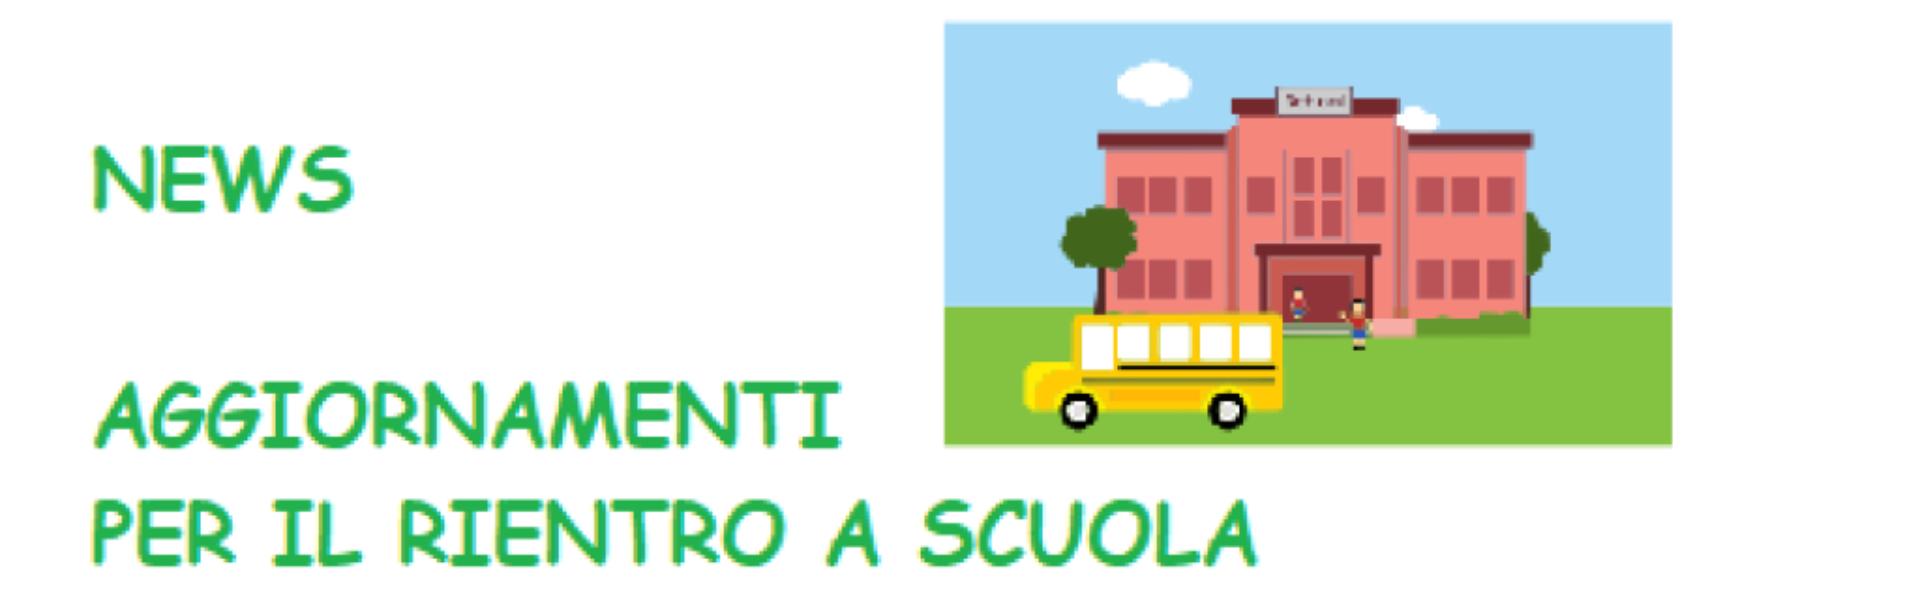 OGGETTO: COMUNICAZIONI PER IL RIENTRO IN CLASSE SCUOLA PRIMARIA A.S. 2020/21